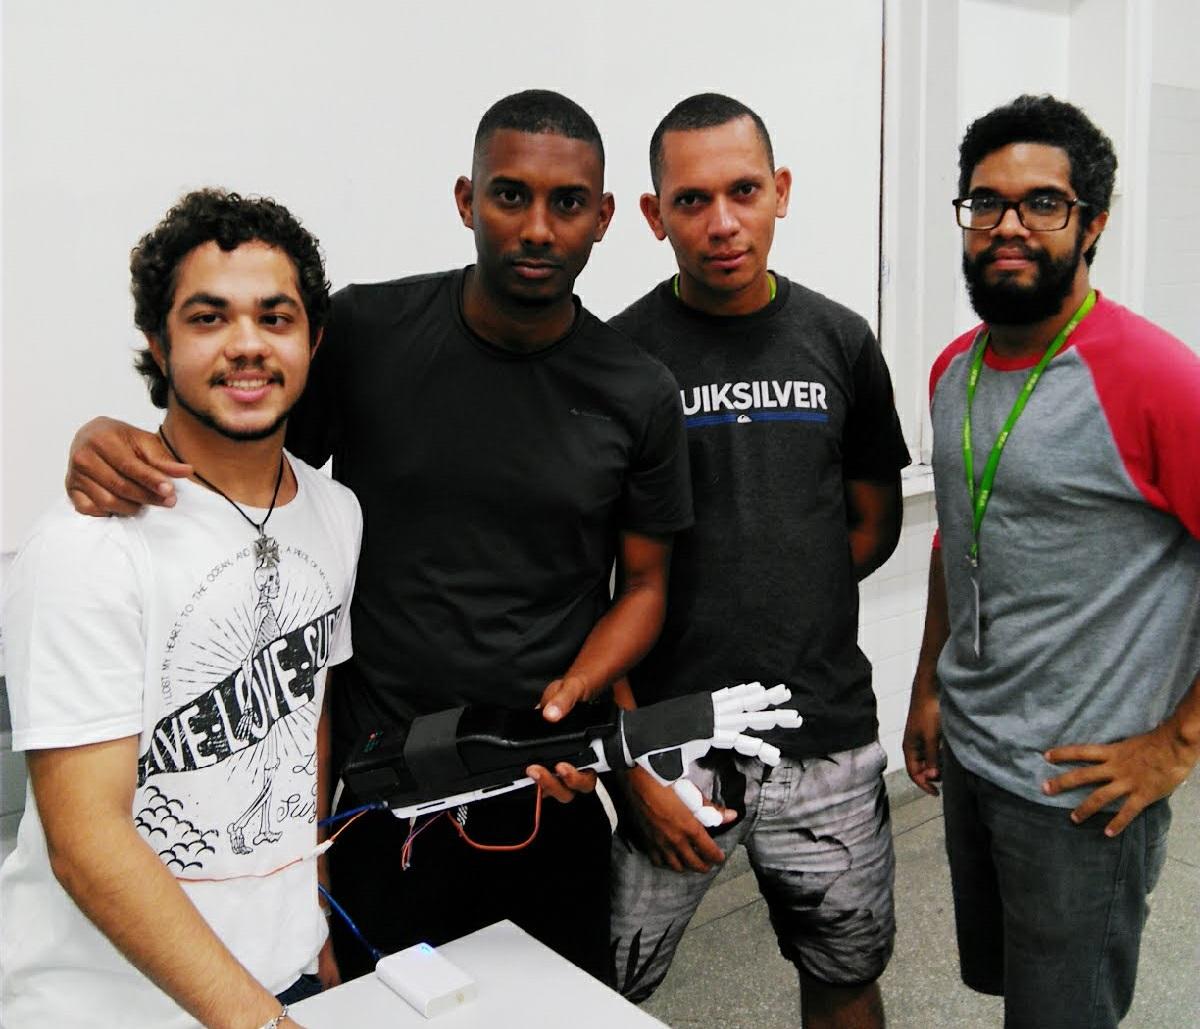 Estudantes desenvolvem protótipo de braço biônico